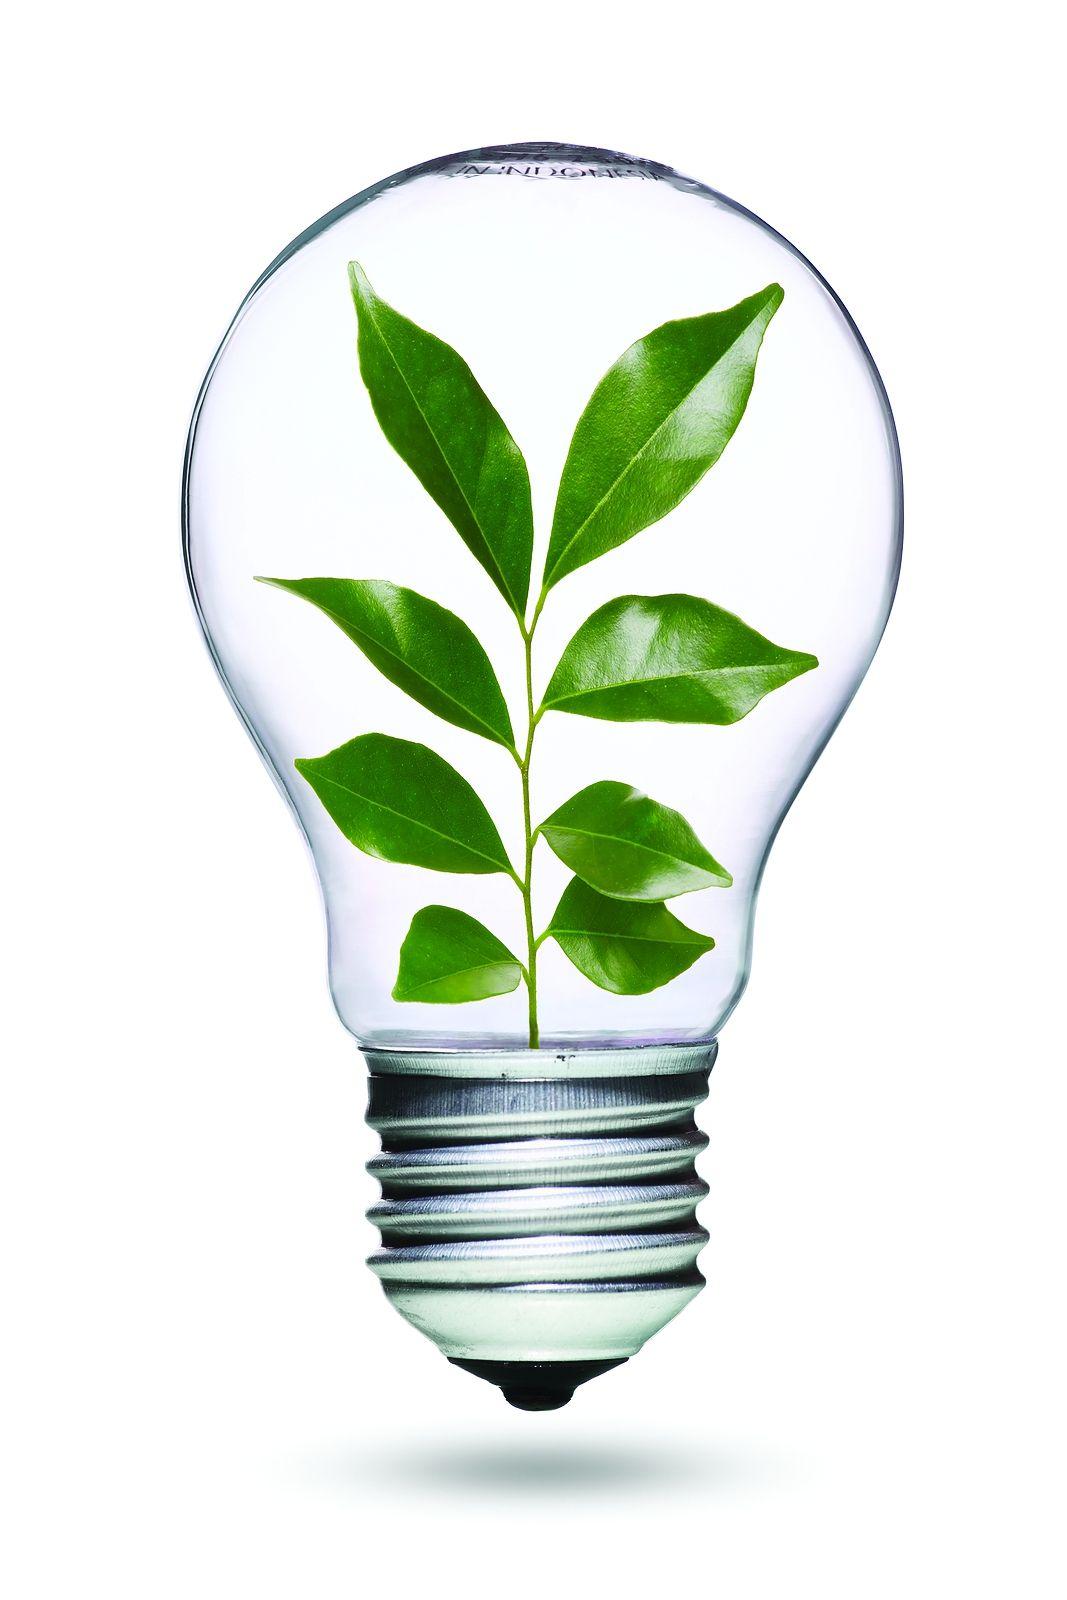 1000 images about lightbulb things on pinterest lightbulbs bulbs - Light Bulb